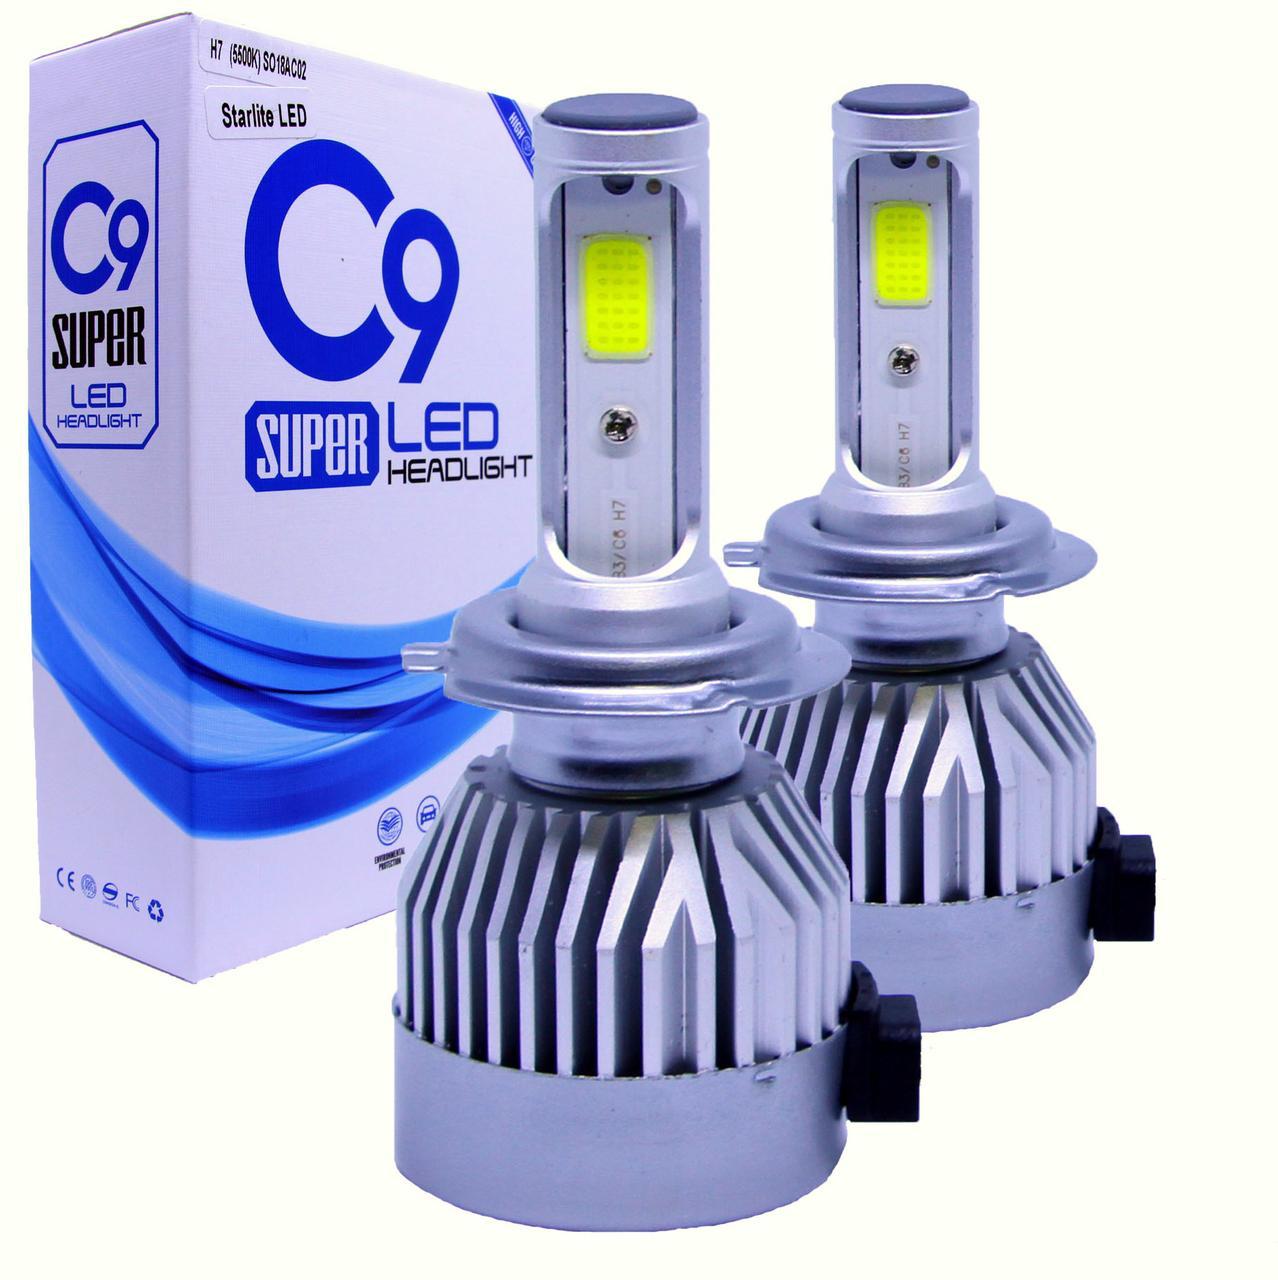 Лампа светодиодная для фар C9  H7 3800 Lum, цвет свечения 5500К, 2 шт/компл.